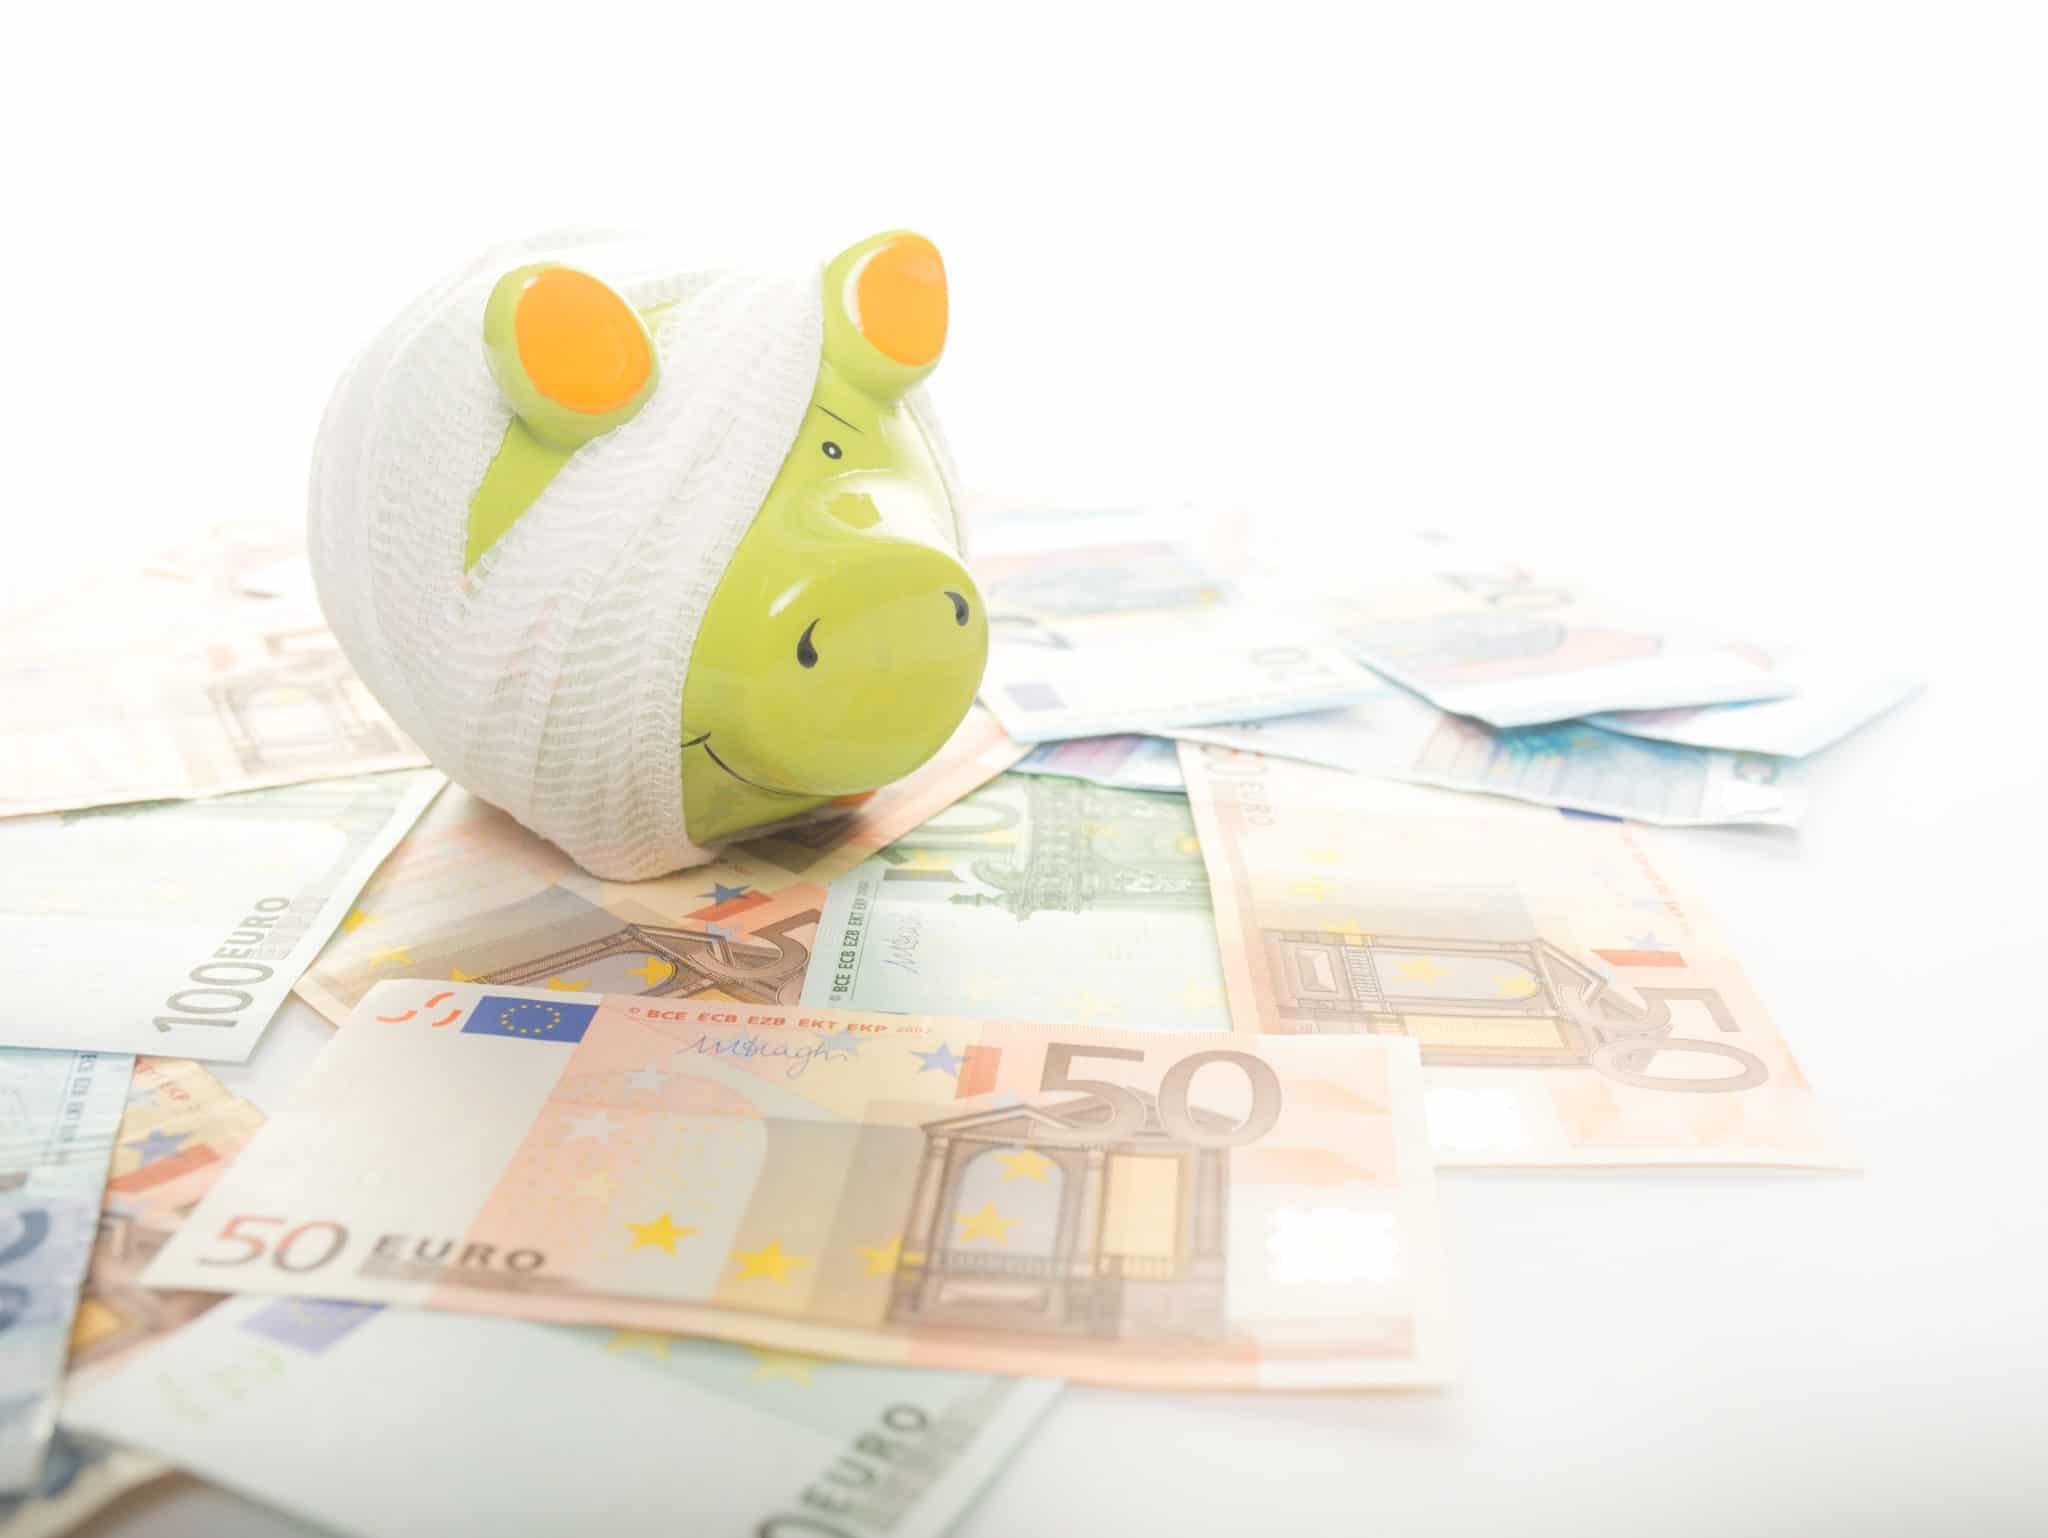 Quel revenu vais-je percevoir pendant mon congés maladie en Allemagne